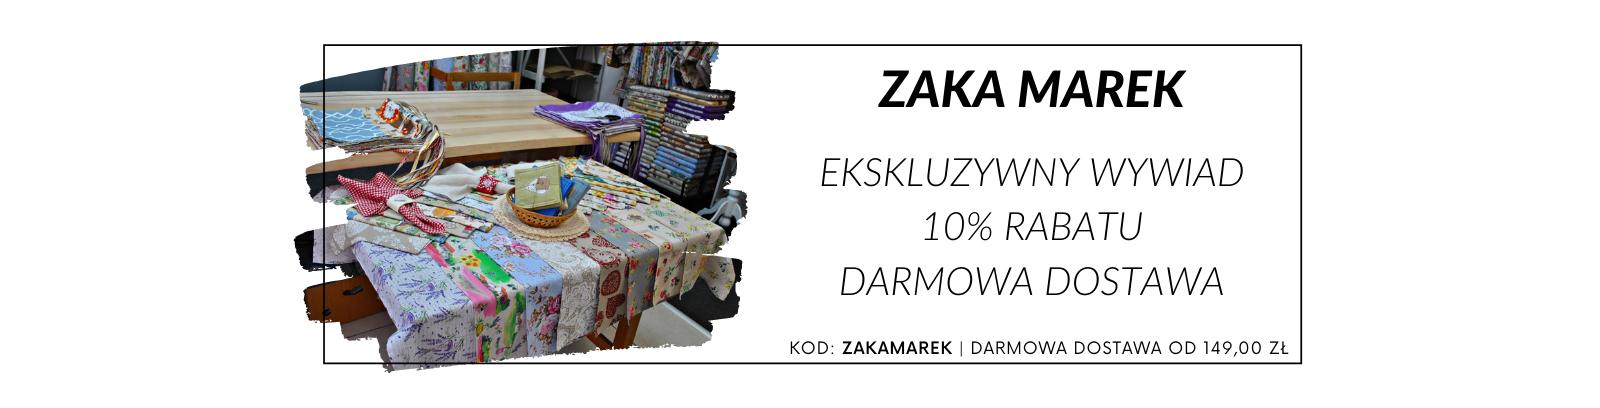 Zaka Marek - ekskluzywny wywiad, promocja i darmowa dostawa!